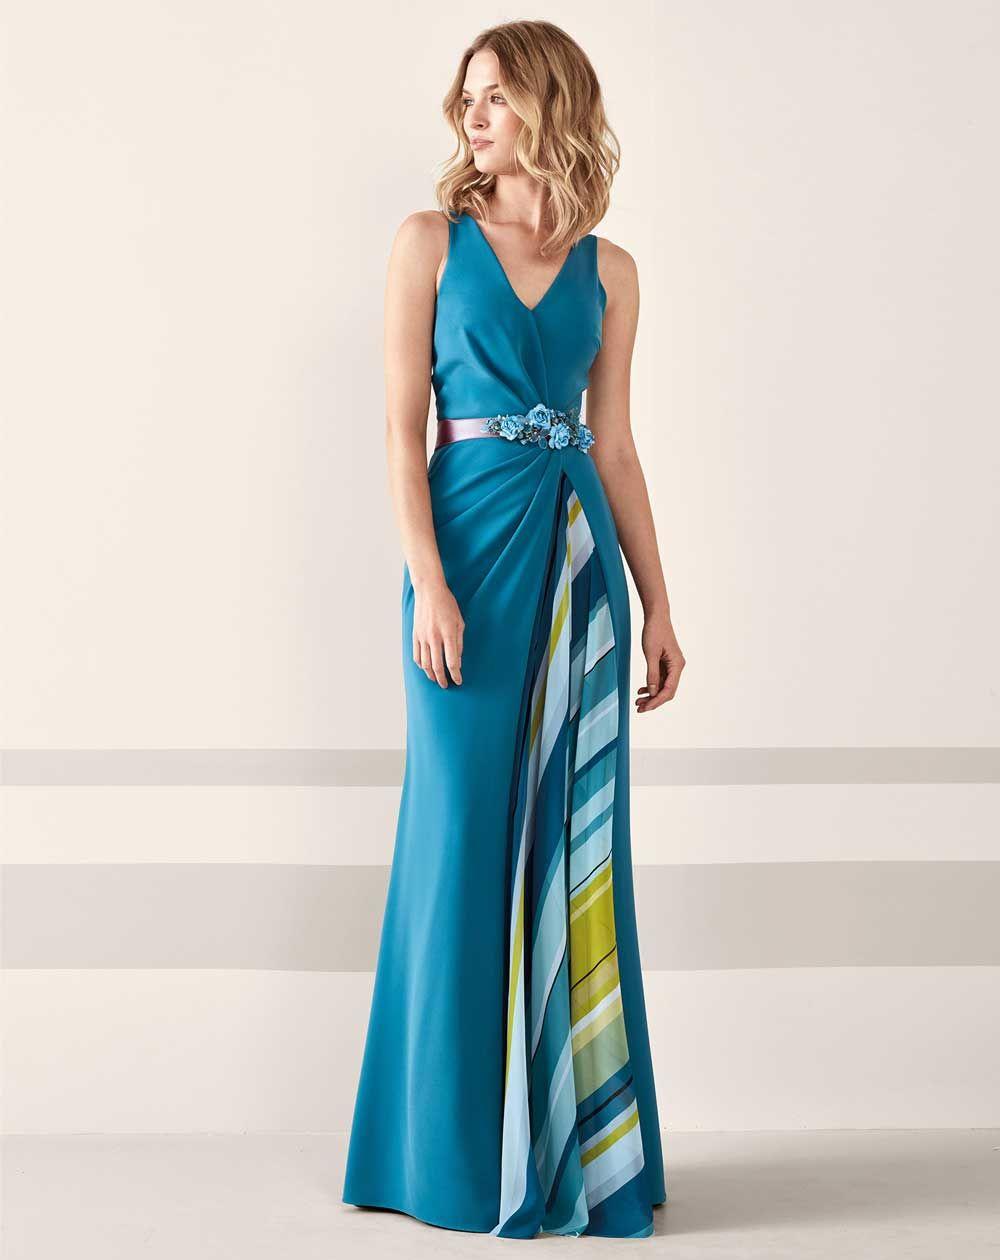 Formelle Kleidung Pronovias 10: Foto Katalog und Preise